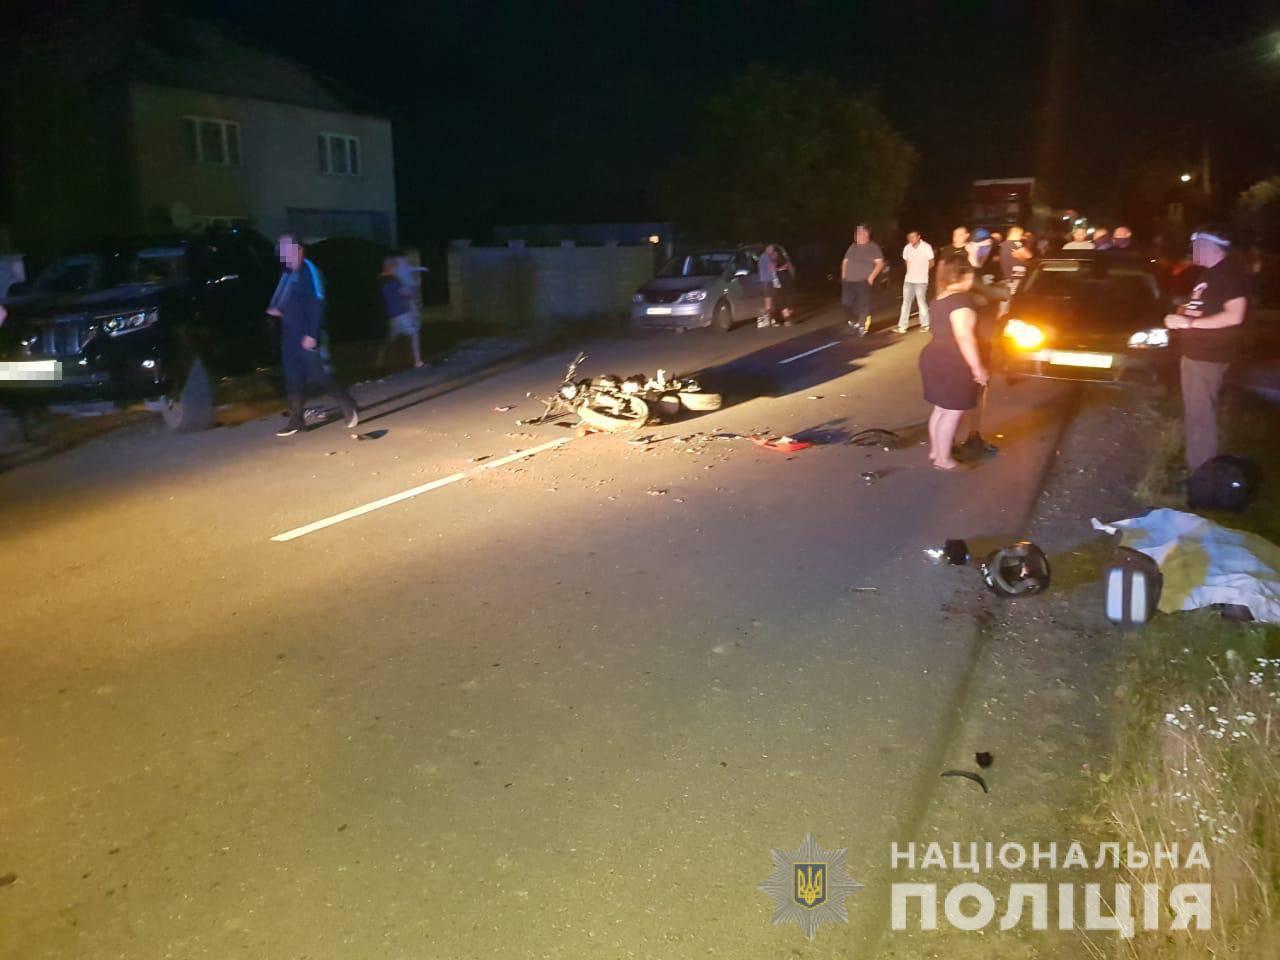 Водія позашляховика після смертельної ДТП було освідчено: відомо, у якому стані він перебував за кермом